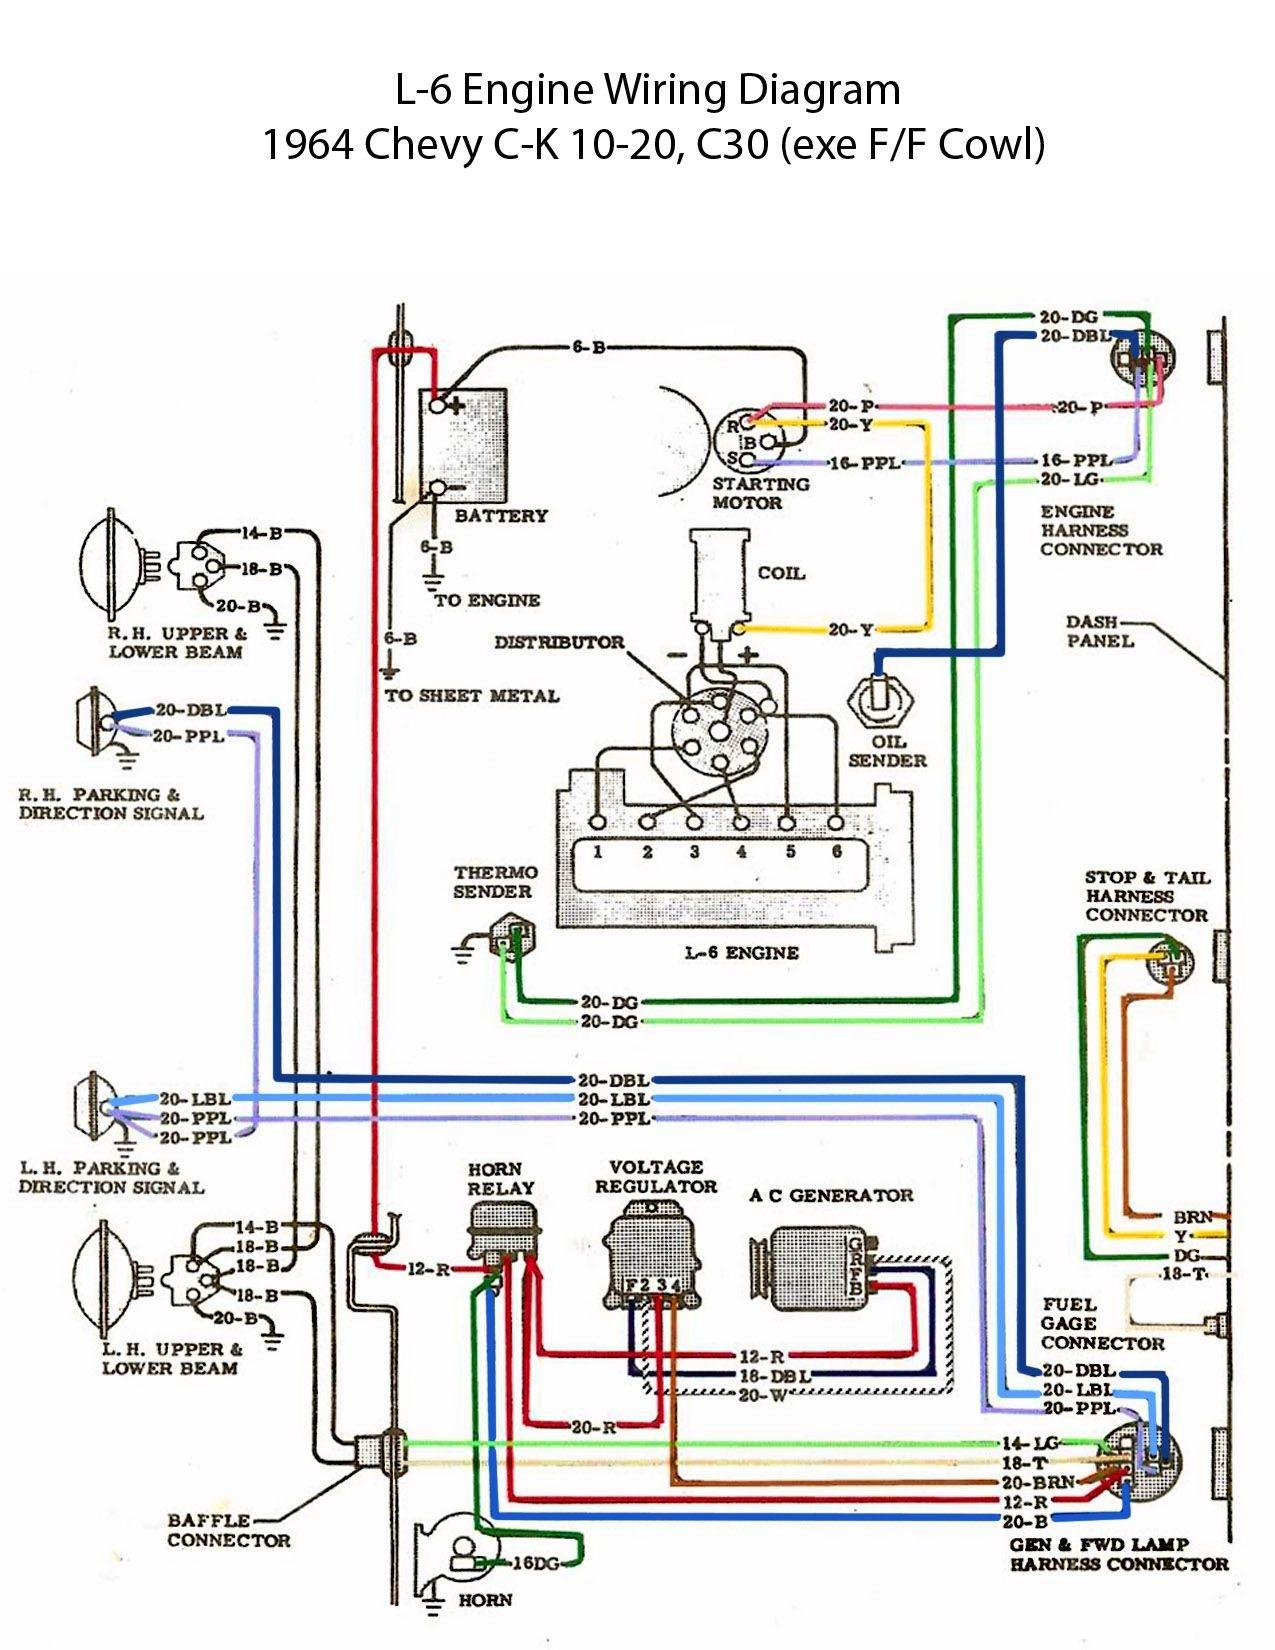 Car Engine Diagram Pdf Car Engine Wiring Diagram Layout Wiring Diagrams • Of Car Engine Diagram Pdf